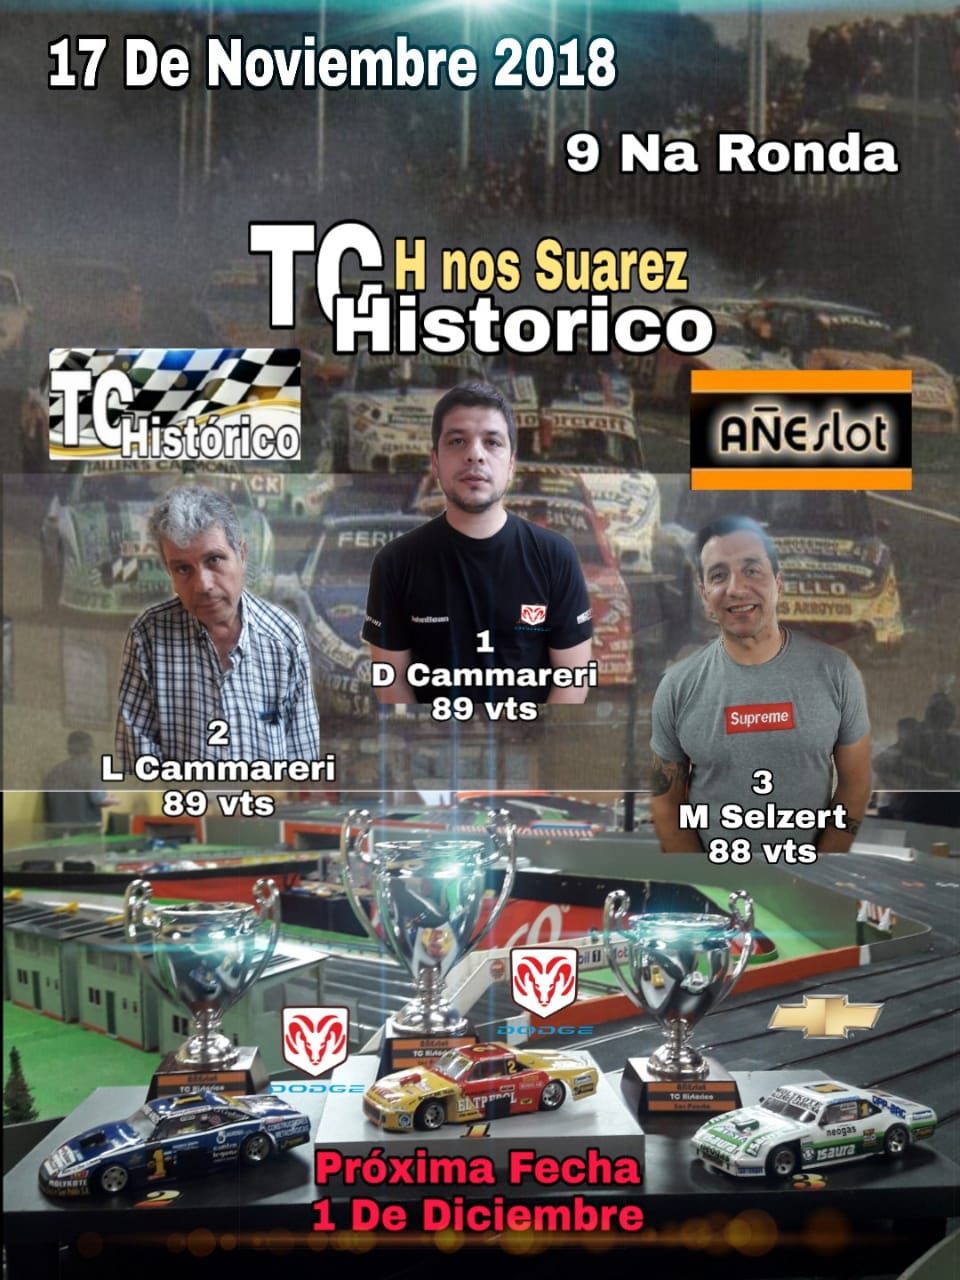 TC Histórico Hnos.Suarez ▬ 4° Ronda ▬ V. TÉCNICA ▬ CLASIFICACIÓN OFICIAL Img-2066